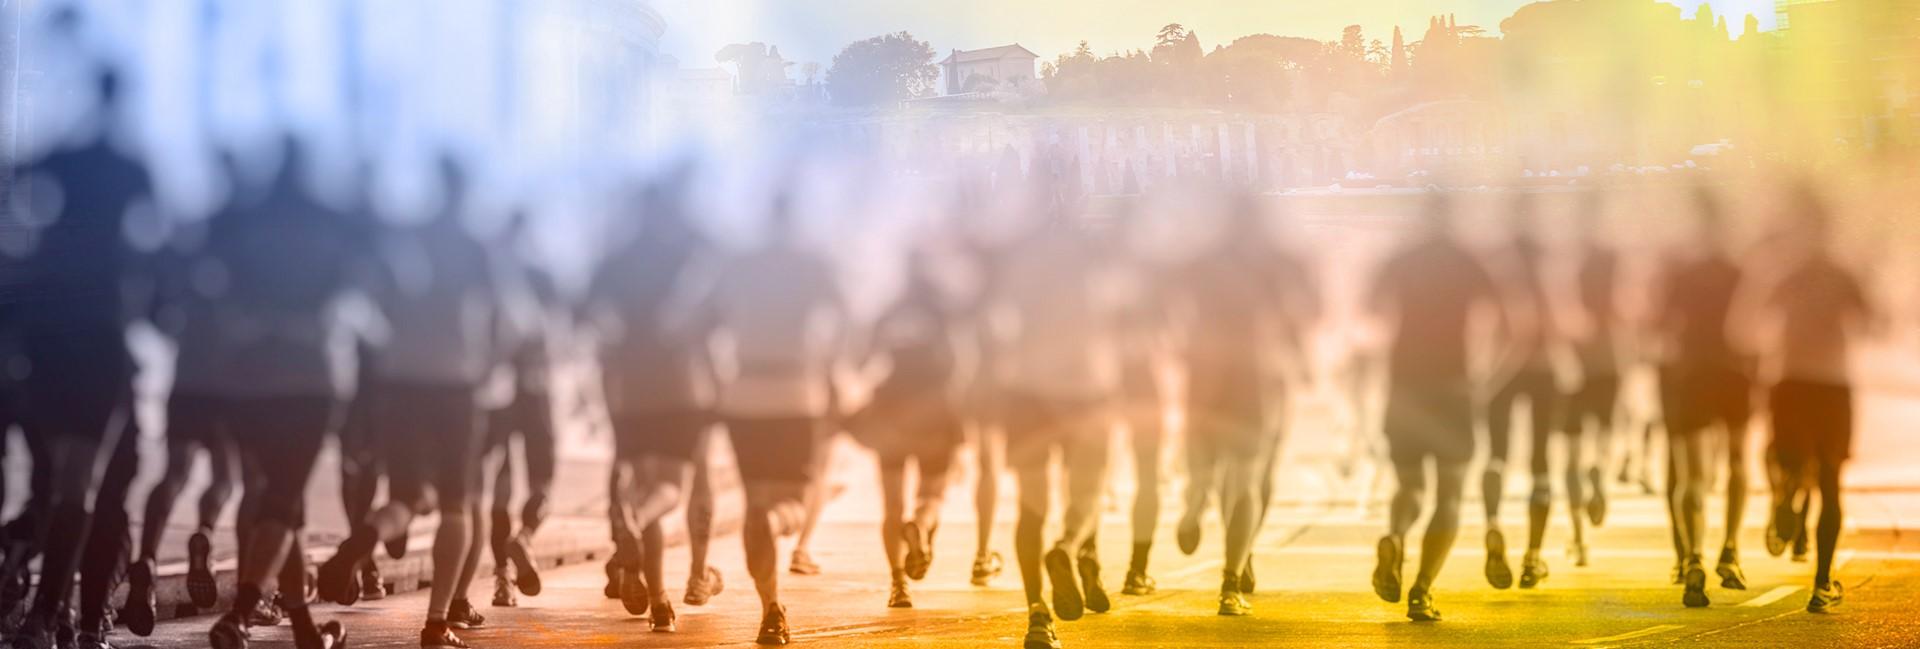 Acea Run Rome The Marathon, la Stracittadina Fun Race si può correre in tutta Italia